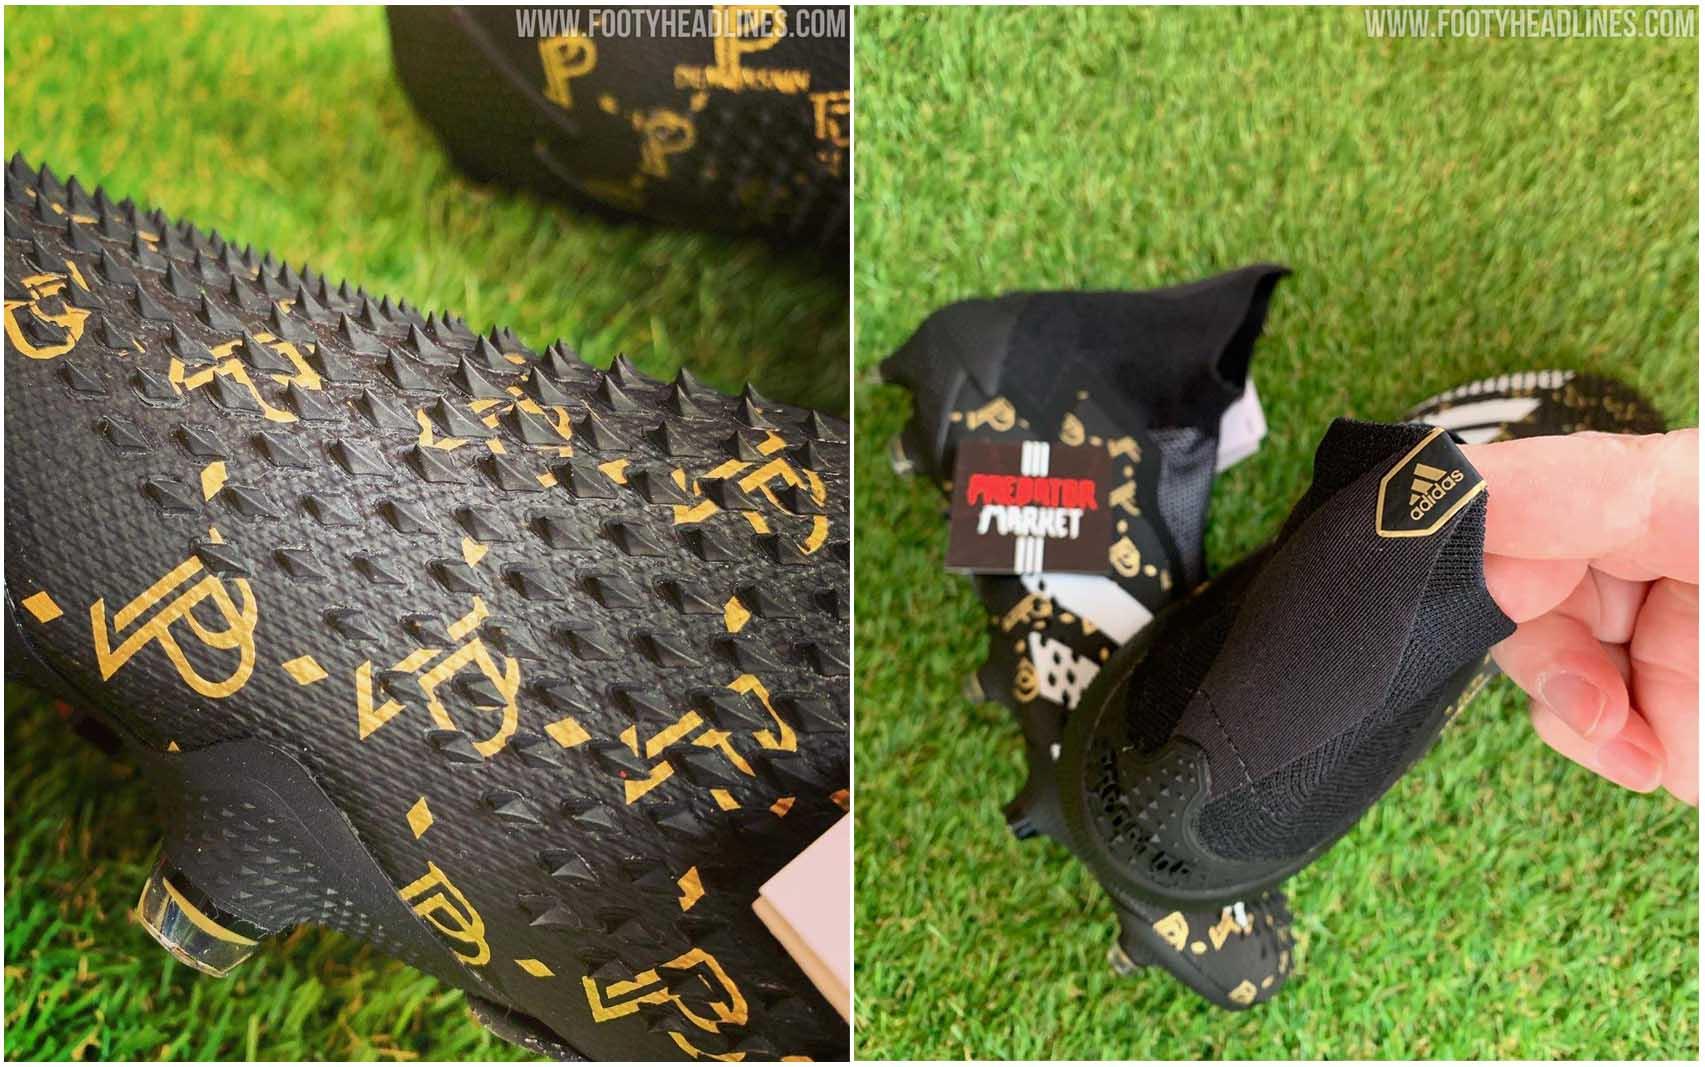 Giày bóng đá Adidas Predator 20+ của Pogba với các gai nhọn trên bề mặt